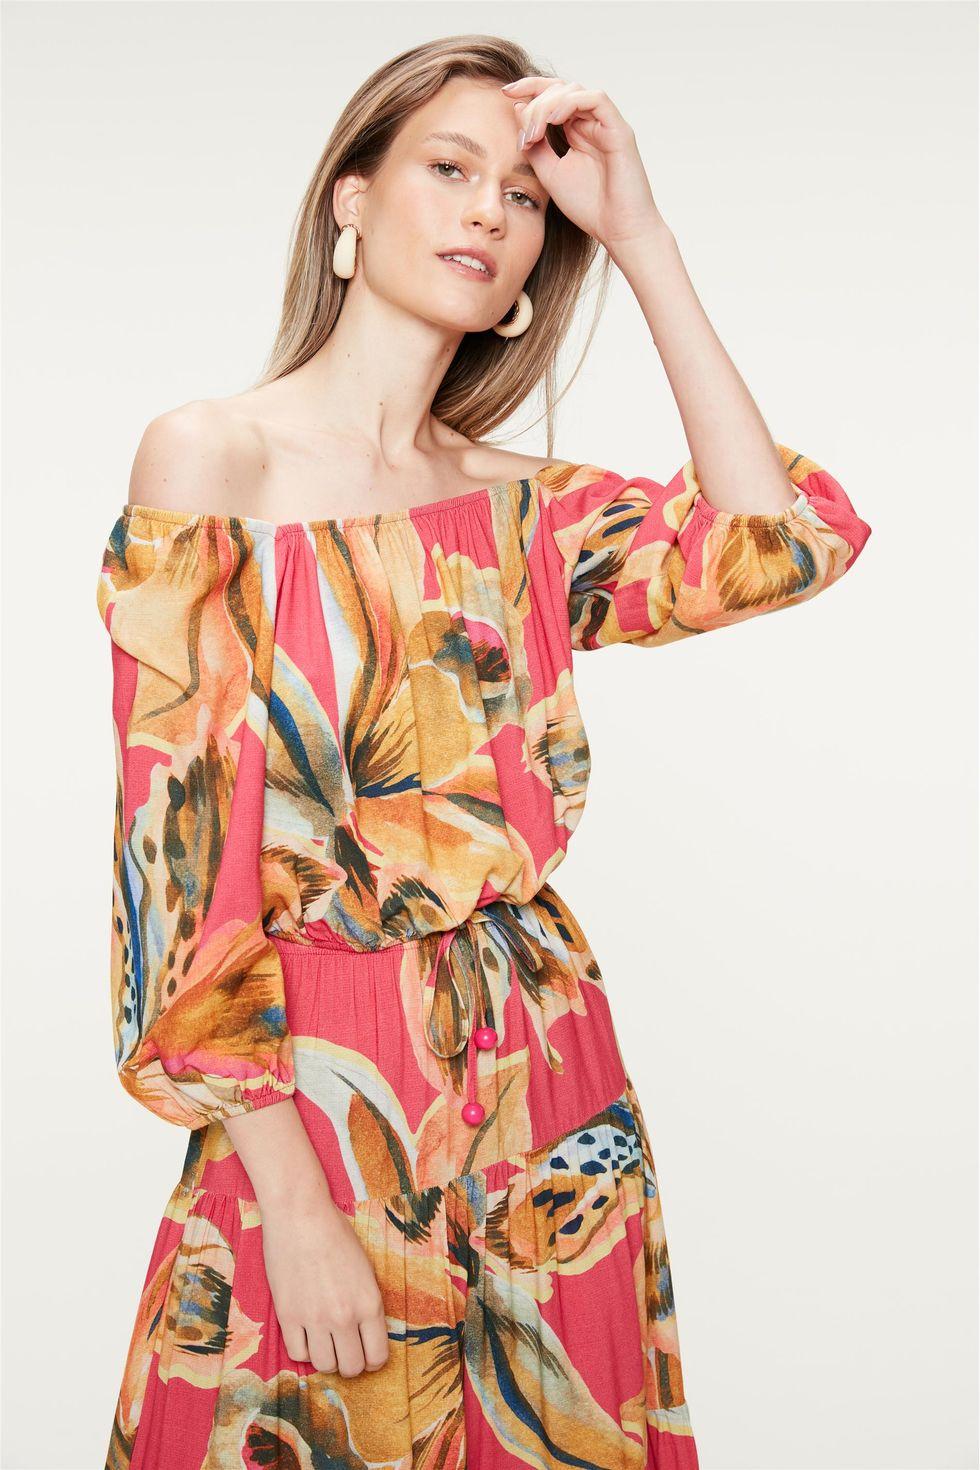 Blusa-Ombro-a-Ombro-Estampa-Floral-Rosa-Frente--